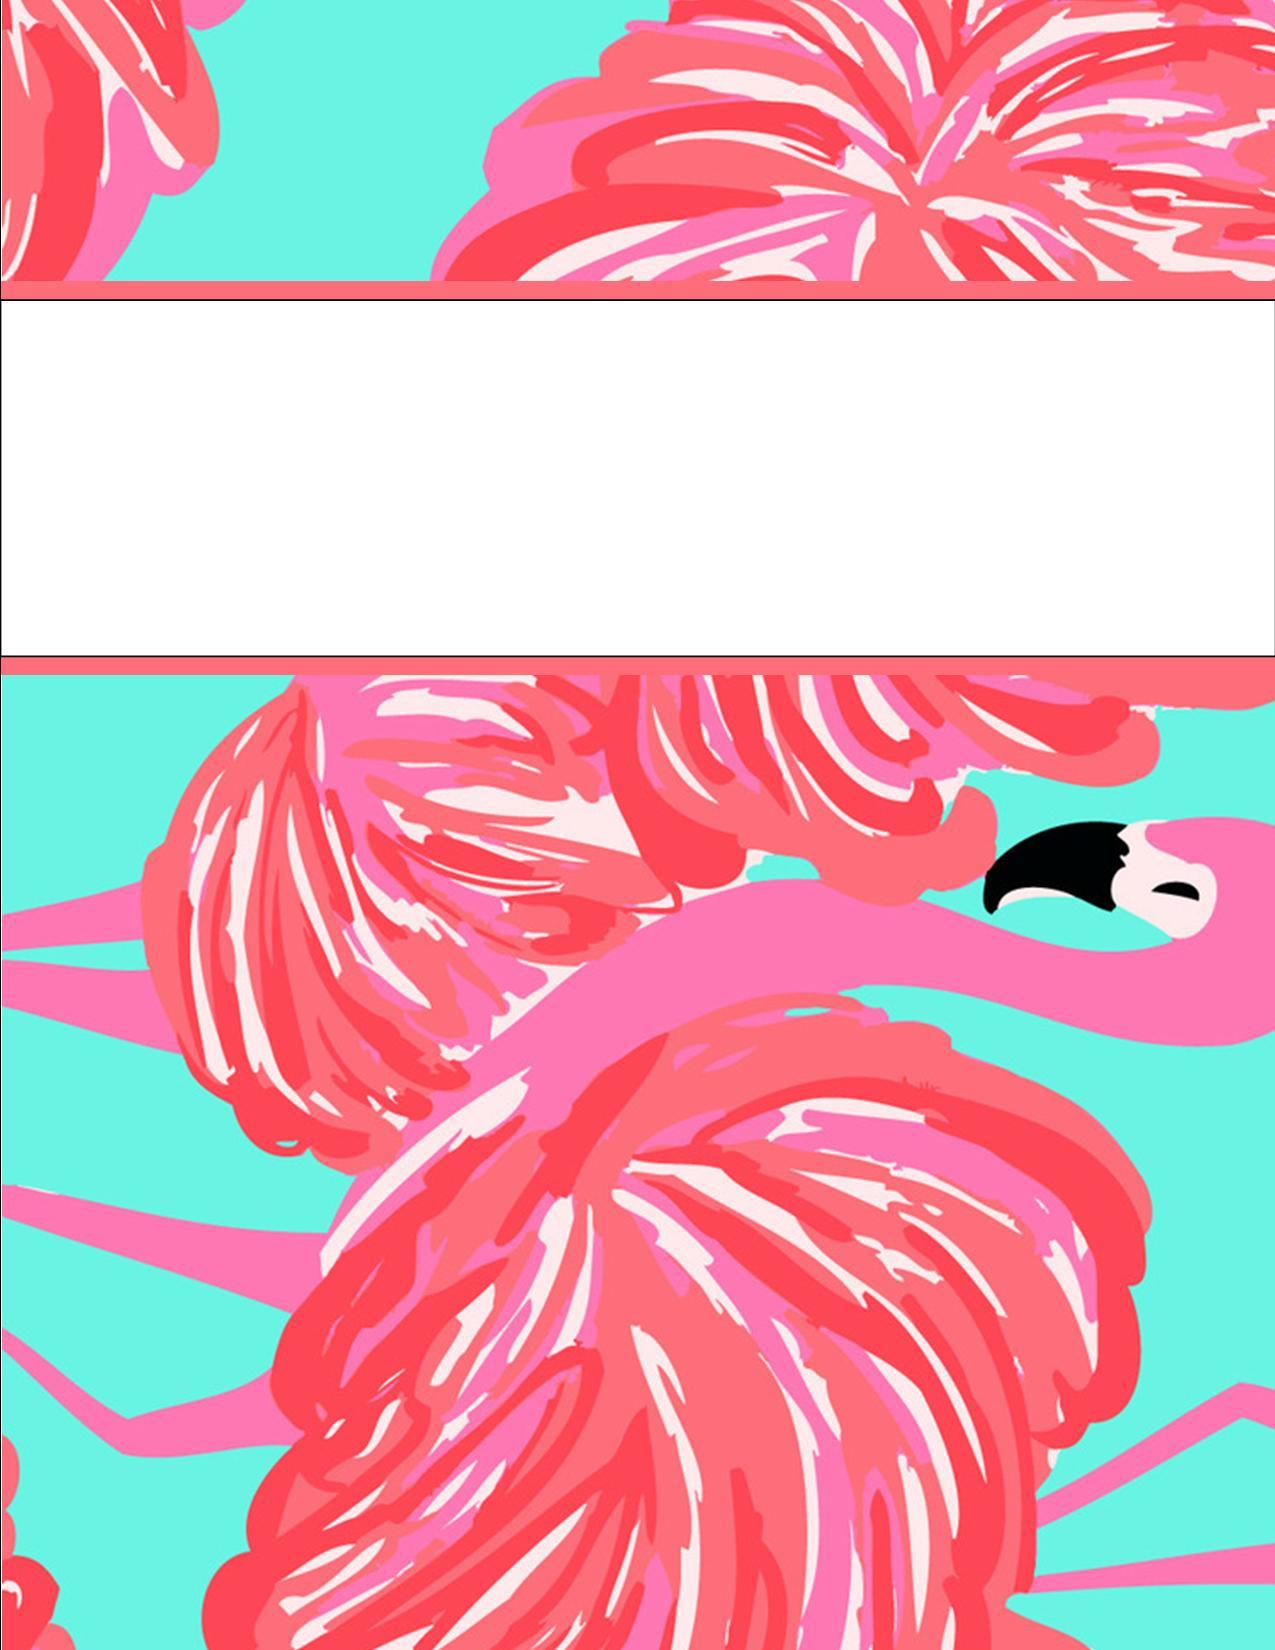 My Cute Binder Covers | Happily Hope - Free Printable School Binder Covers